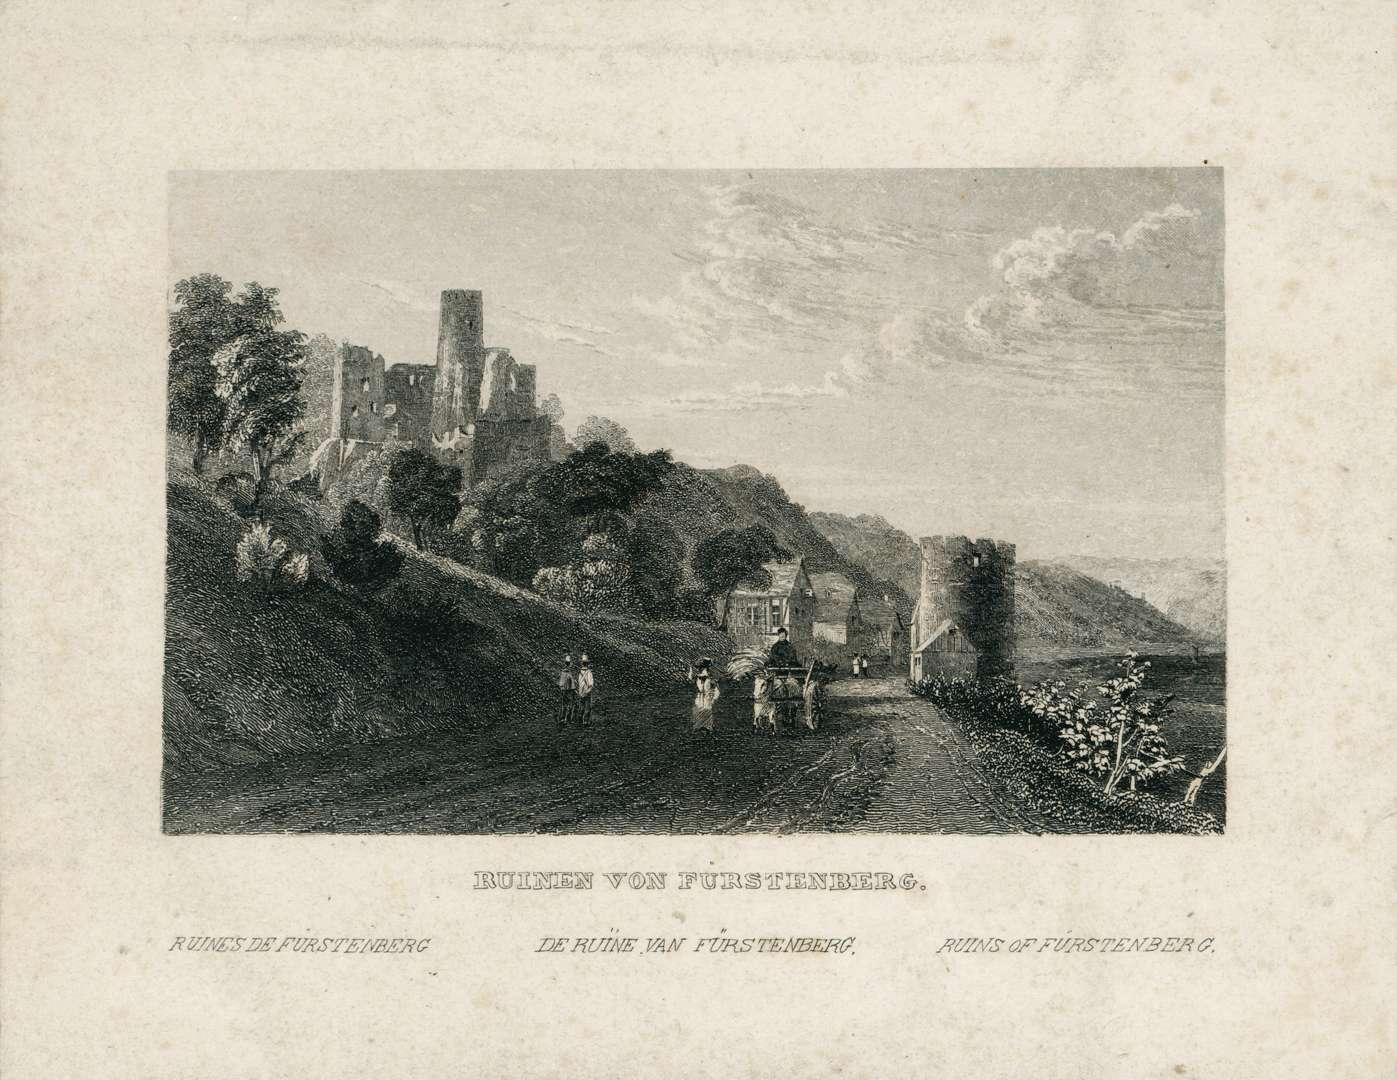 Ruinen von Fürstenberg. Ruines de Furstenberg. De Ruine van Fürstenberg. Ruins of Fürstenberg, Bild 1